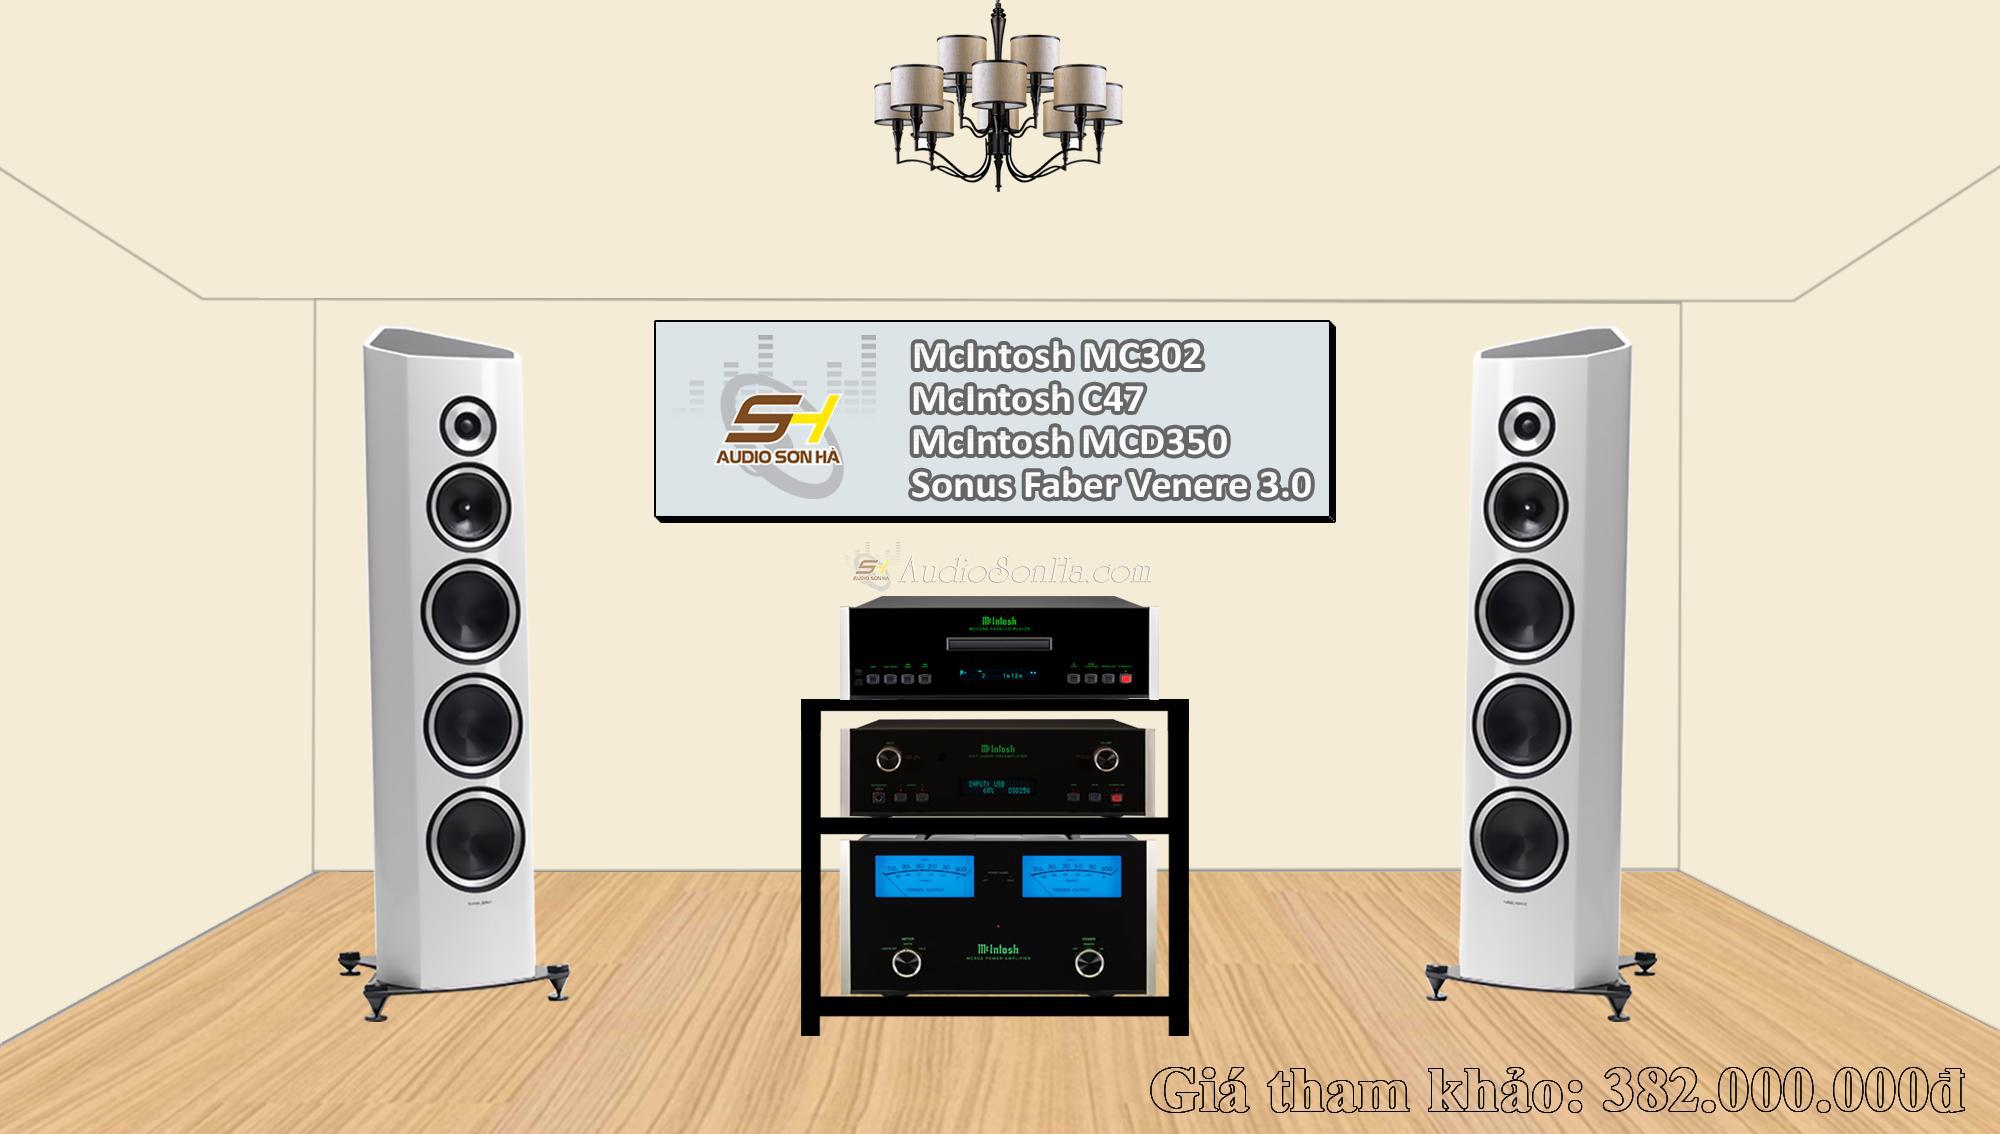 Hệ thống nghe nhạc Sonus Faber & McIntosh 2